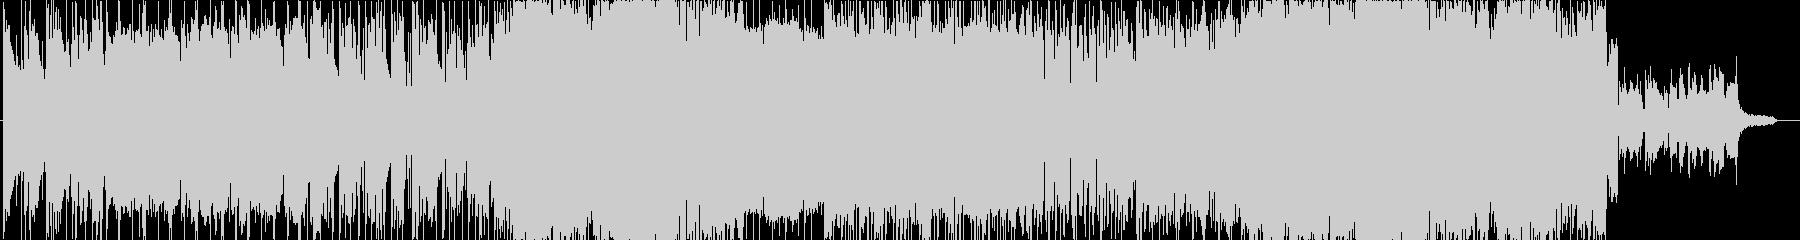 ギター・インスト作品の未再生の波形